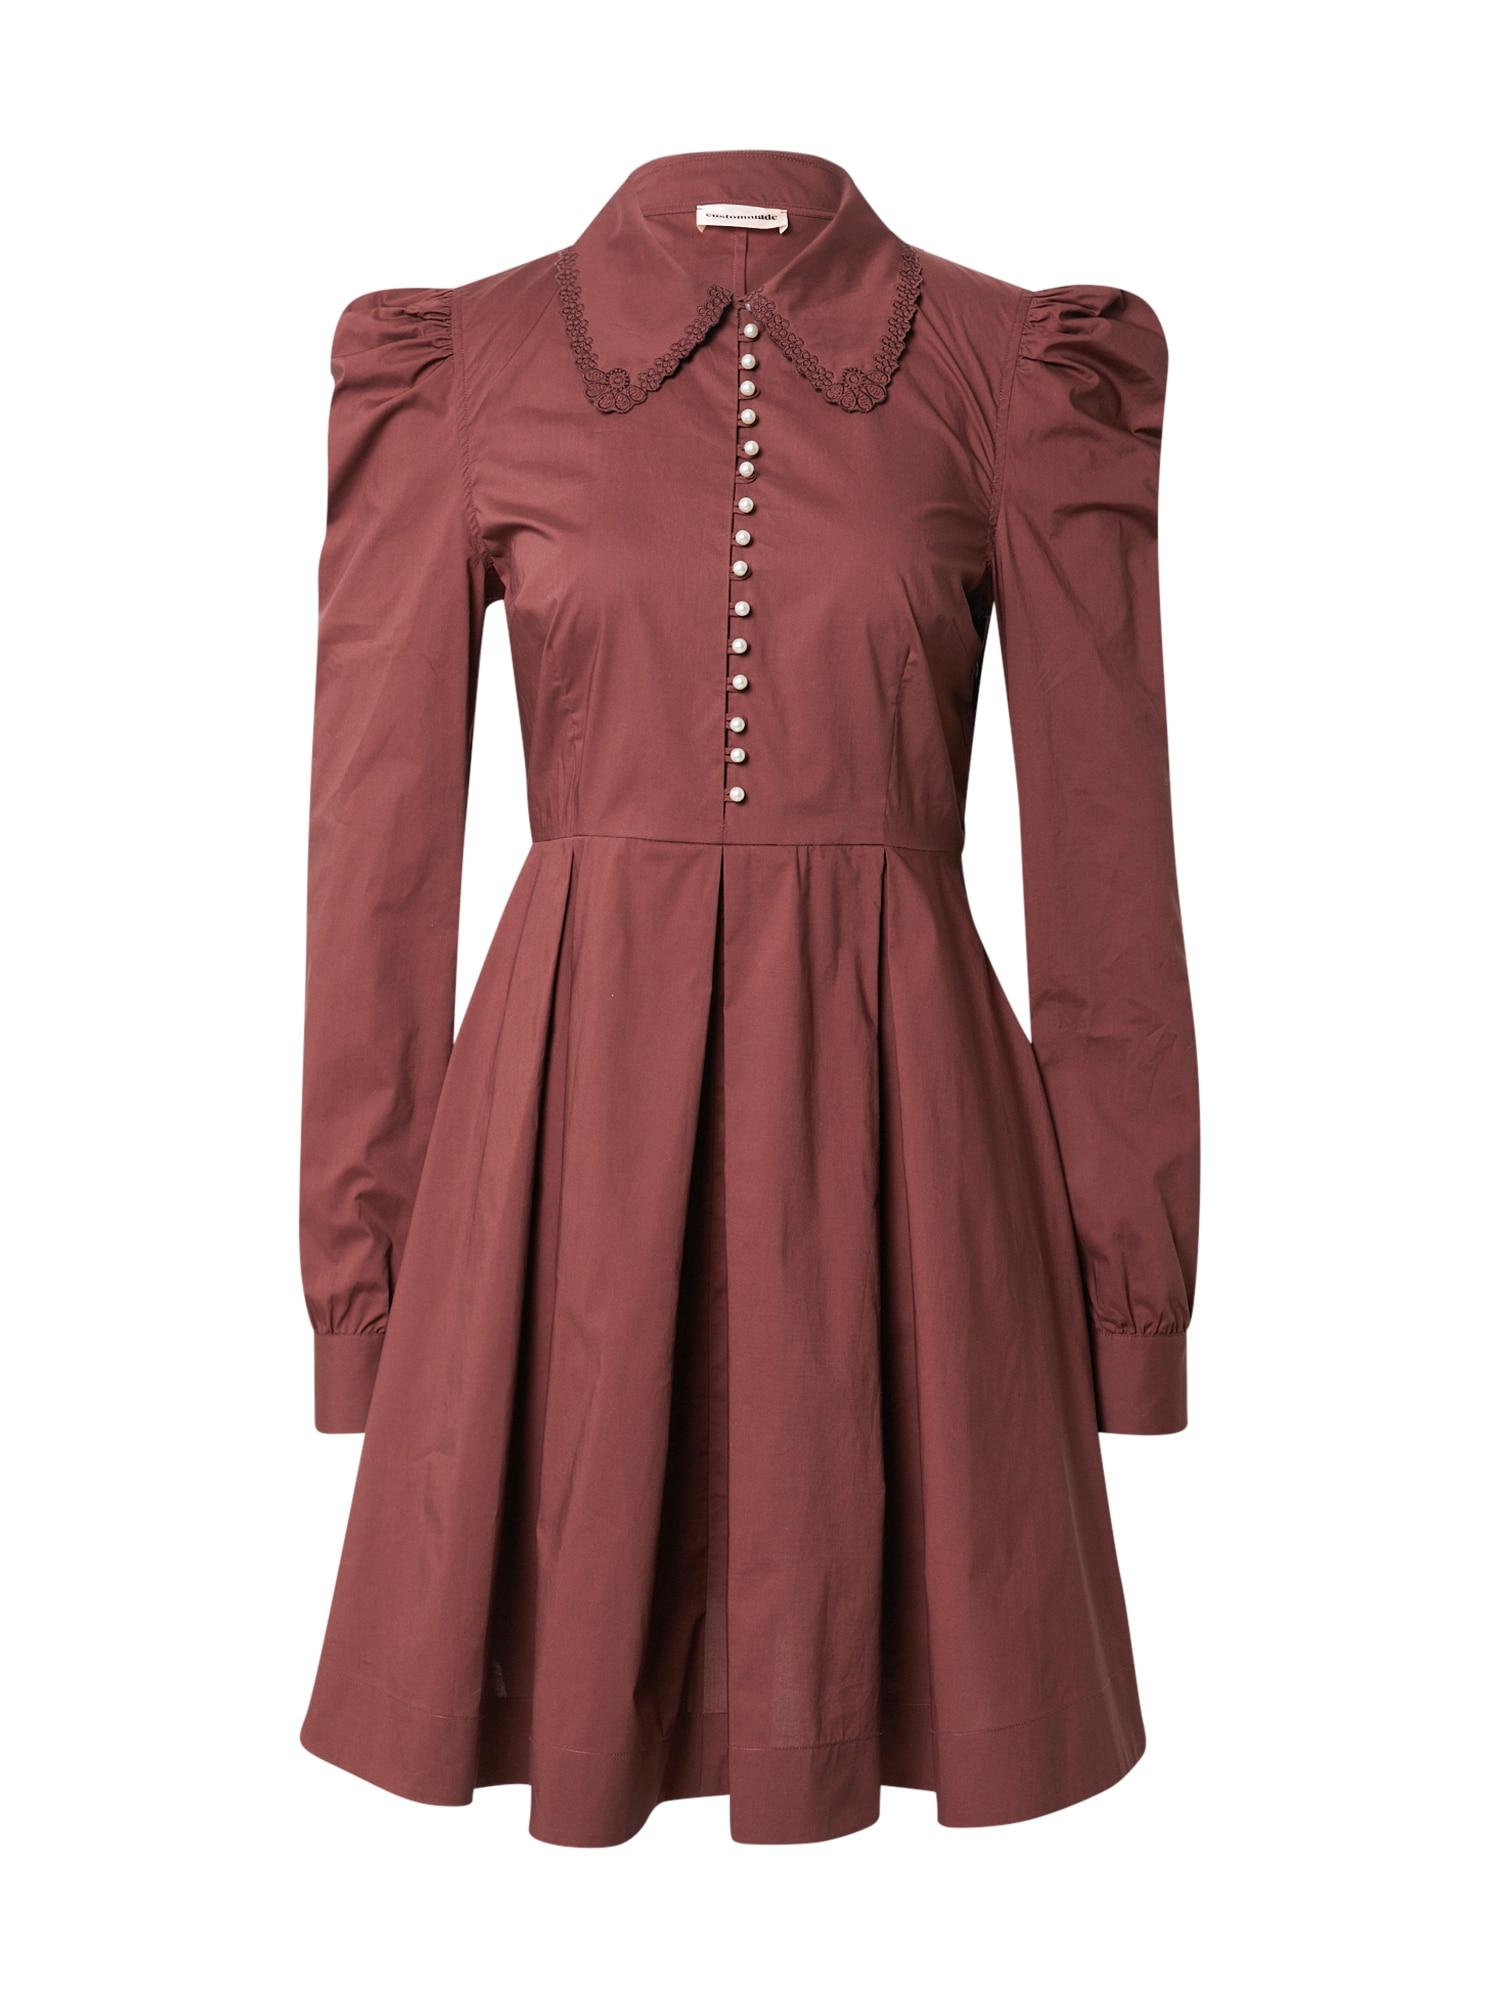 Custommade Palaidinės tipo suknelė rusvai rausva